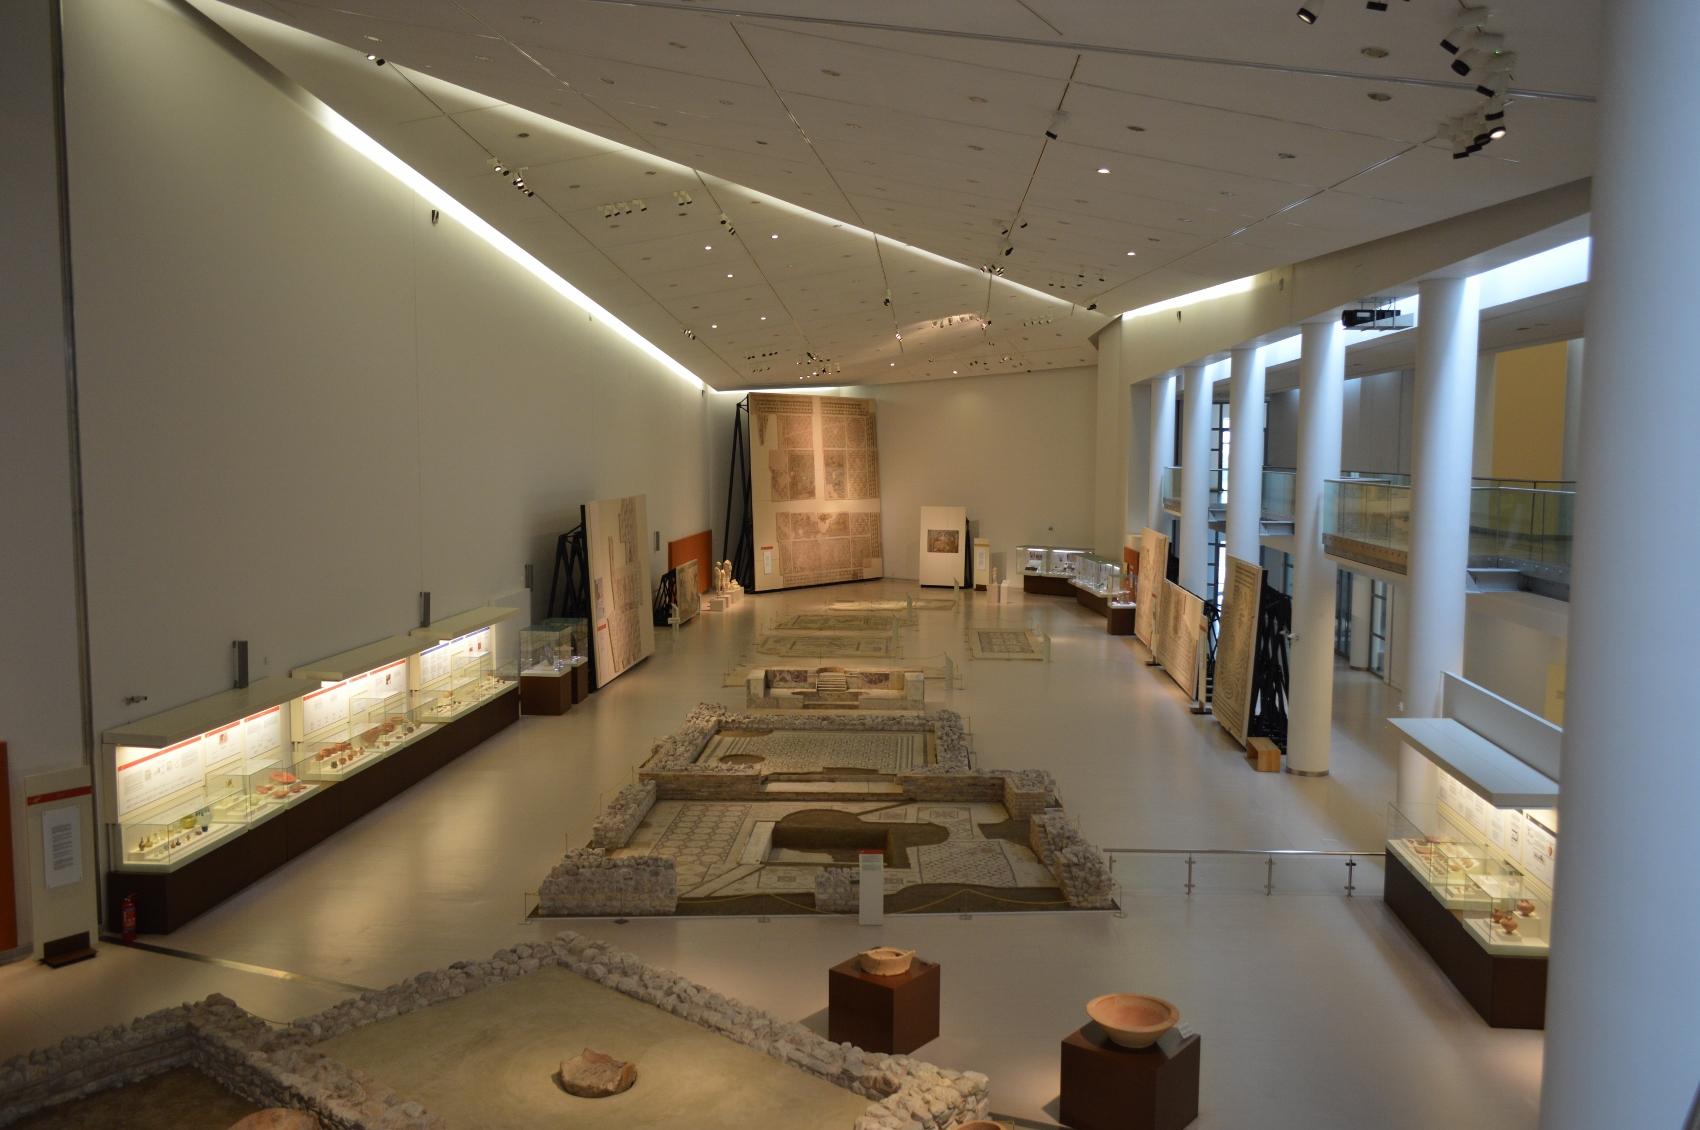 rekonstruerede-mosaikker-set-fra-oven